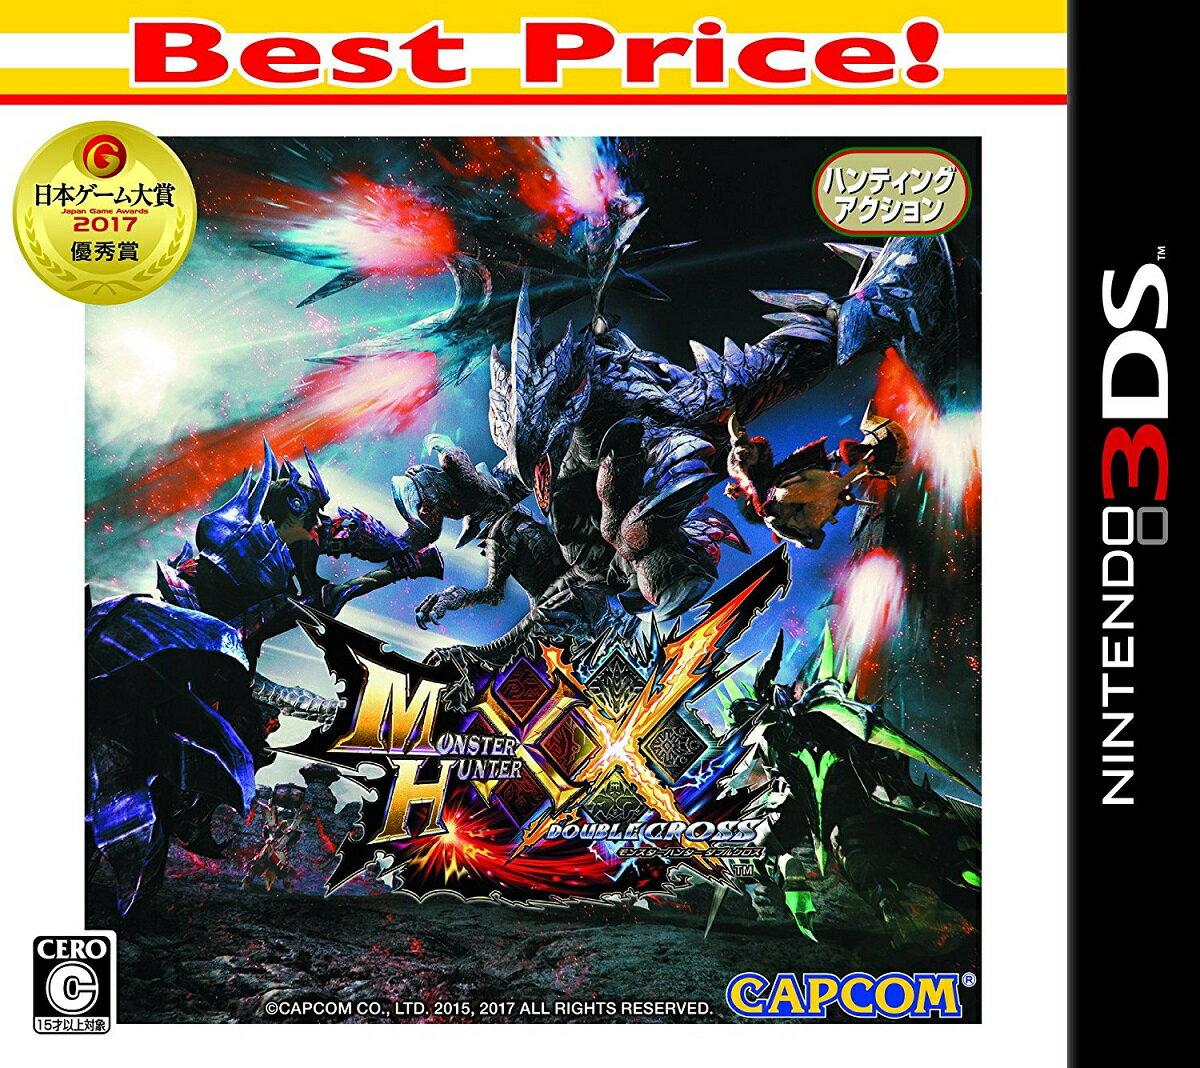 【新品】 モンスターハンターダブルクロス Best Price! 3DS CTR-2-AGQJ / 新品 ゲーム